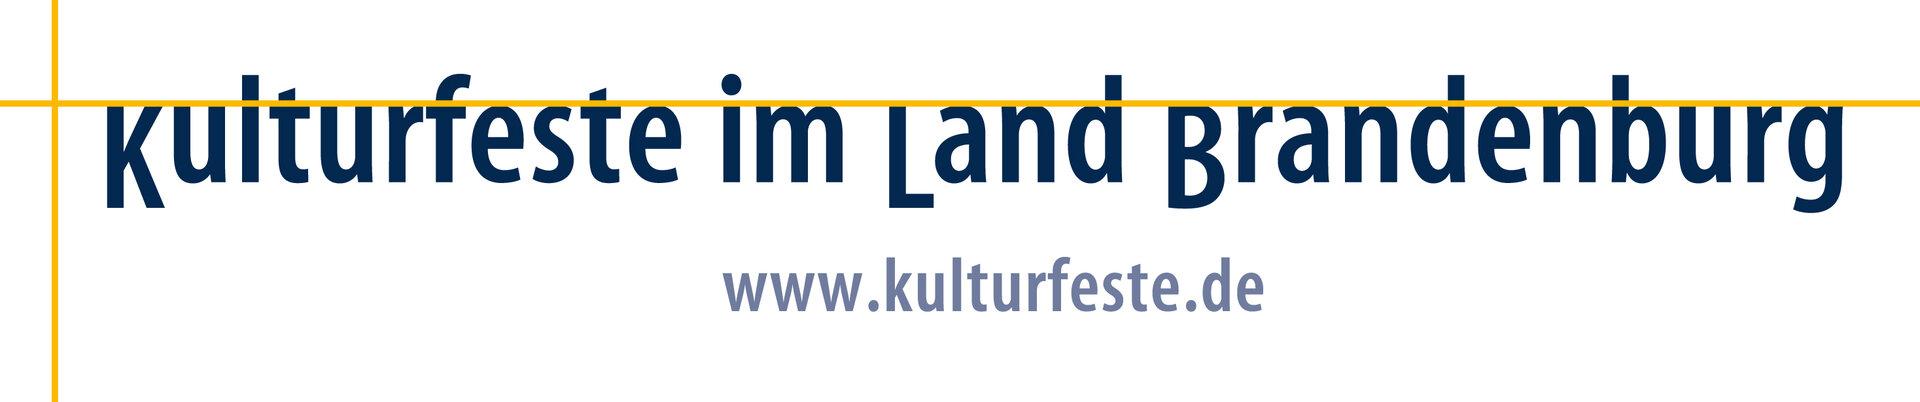 Kulturfeste